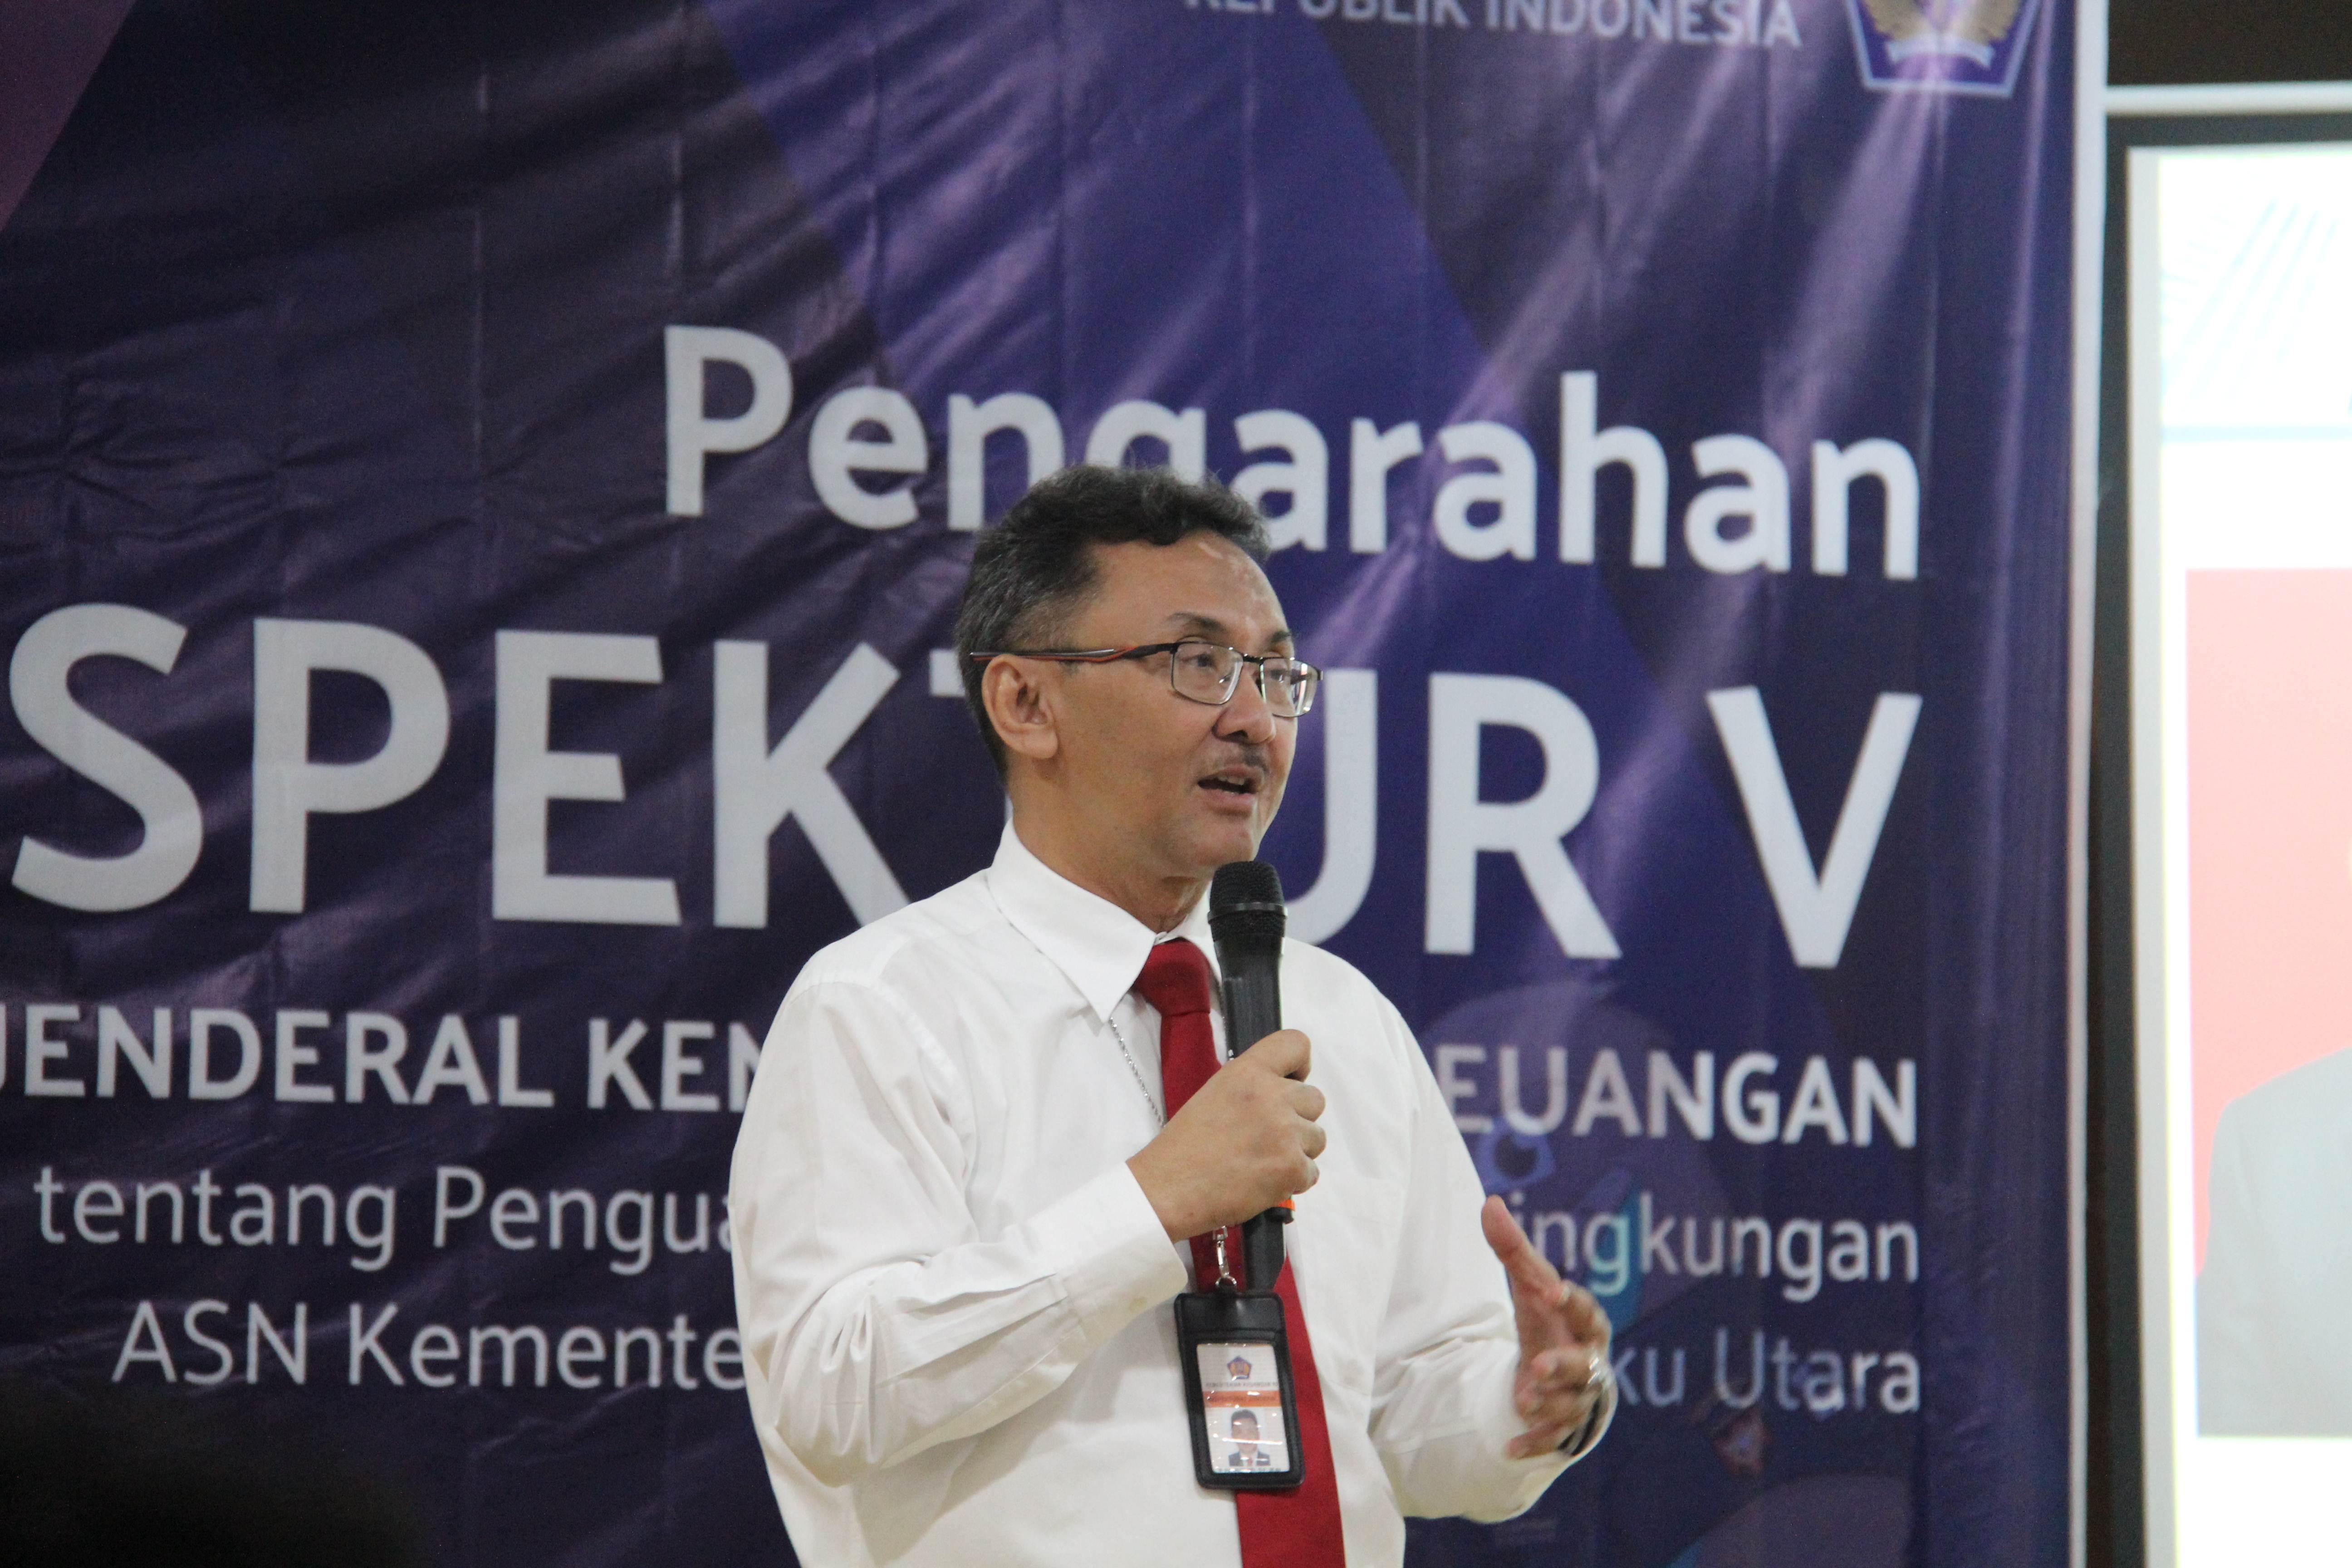 Inspektur V Berikan Pengarahan ke Pegawai Kementerian Keuangan Maluku Utara